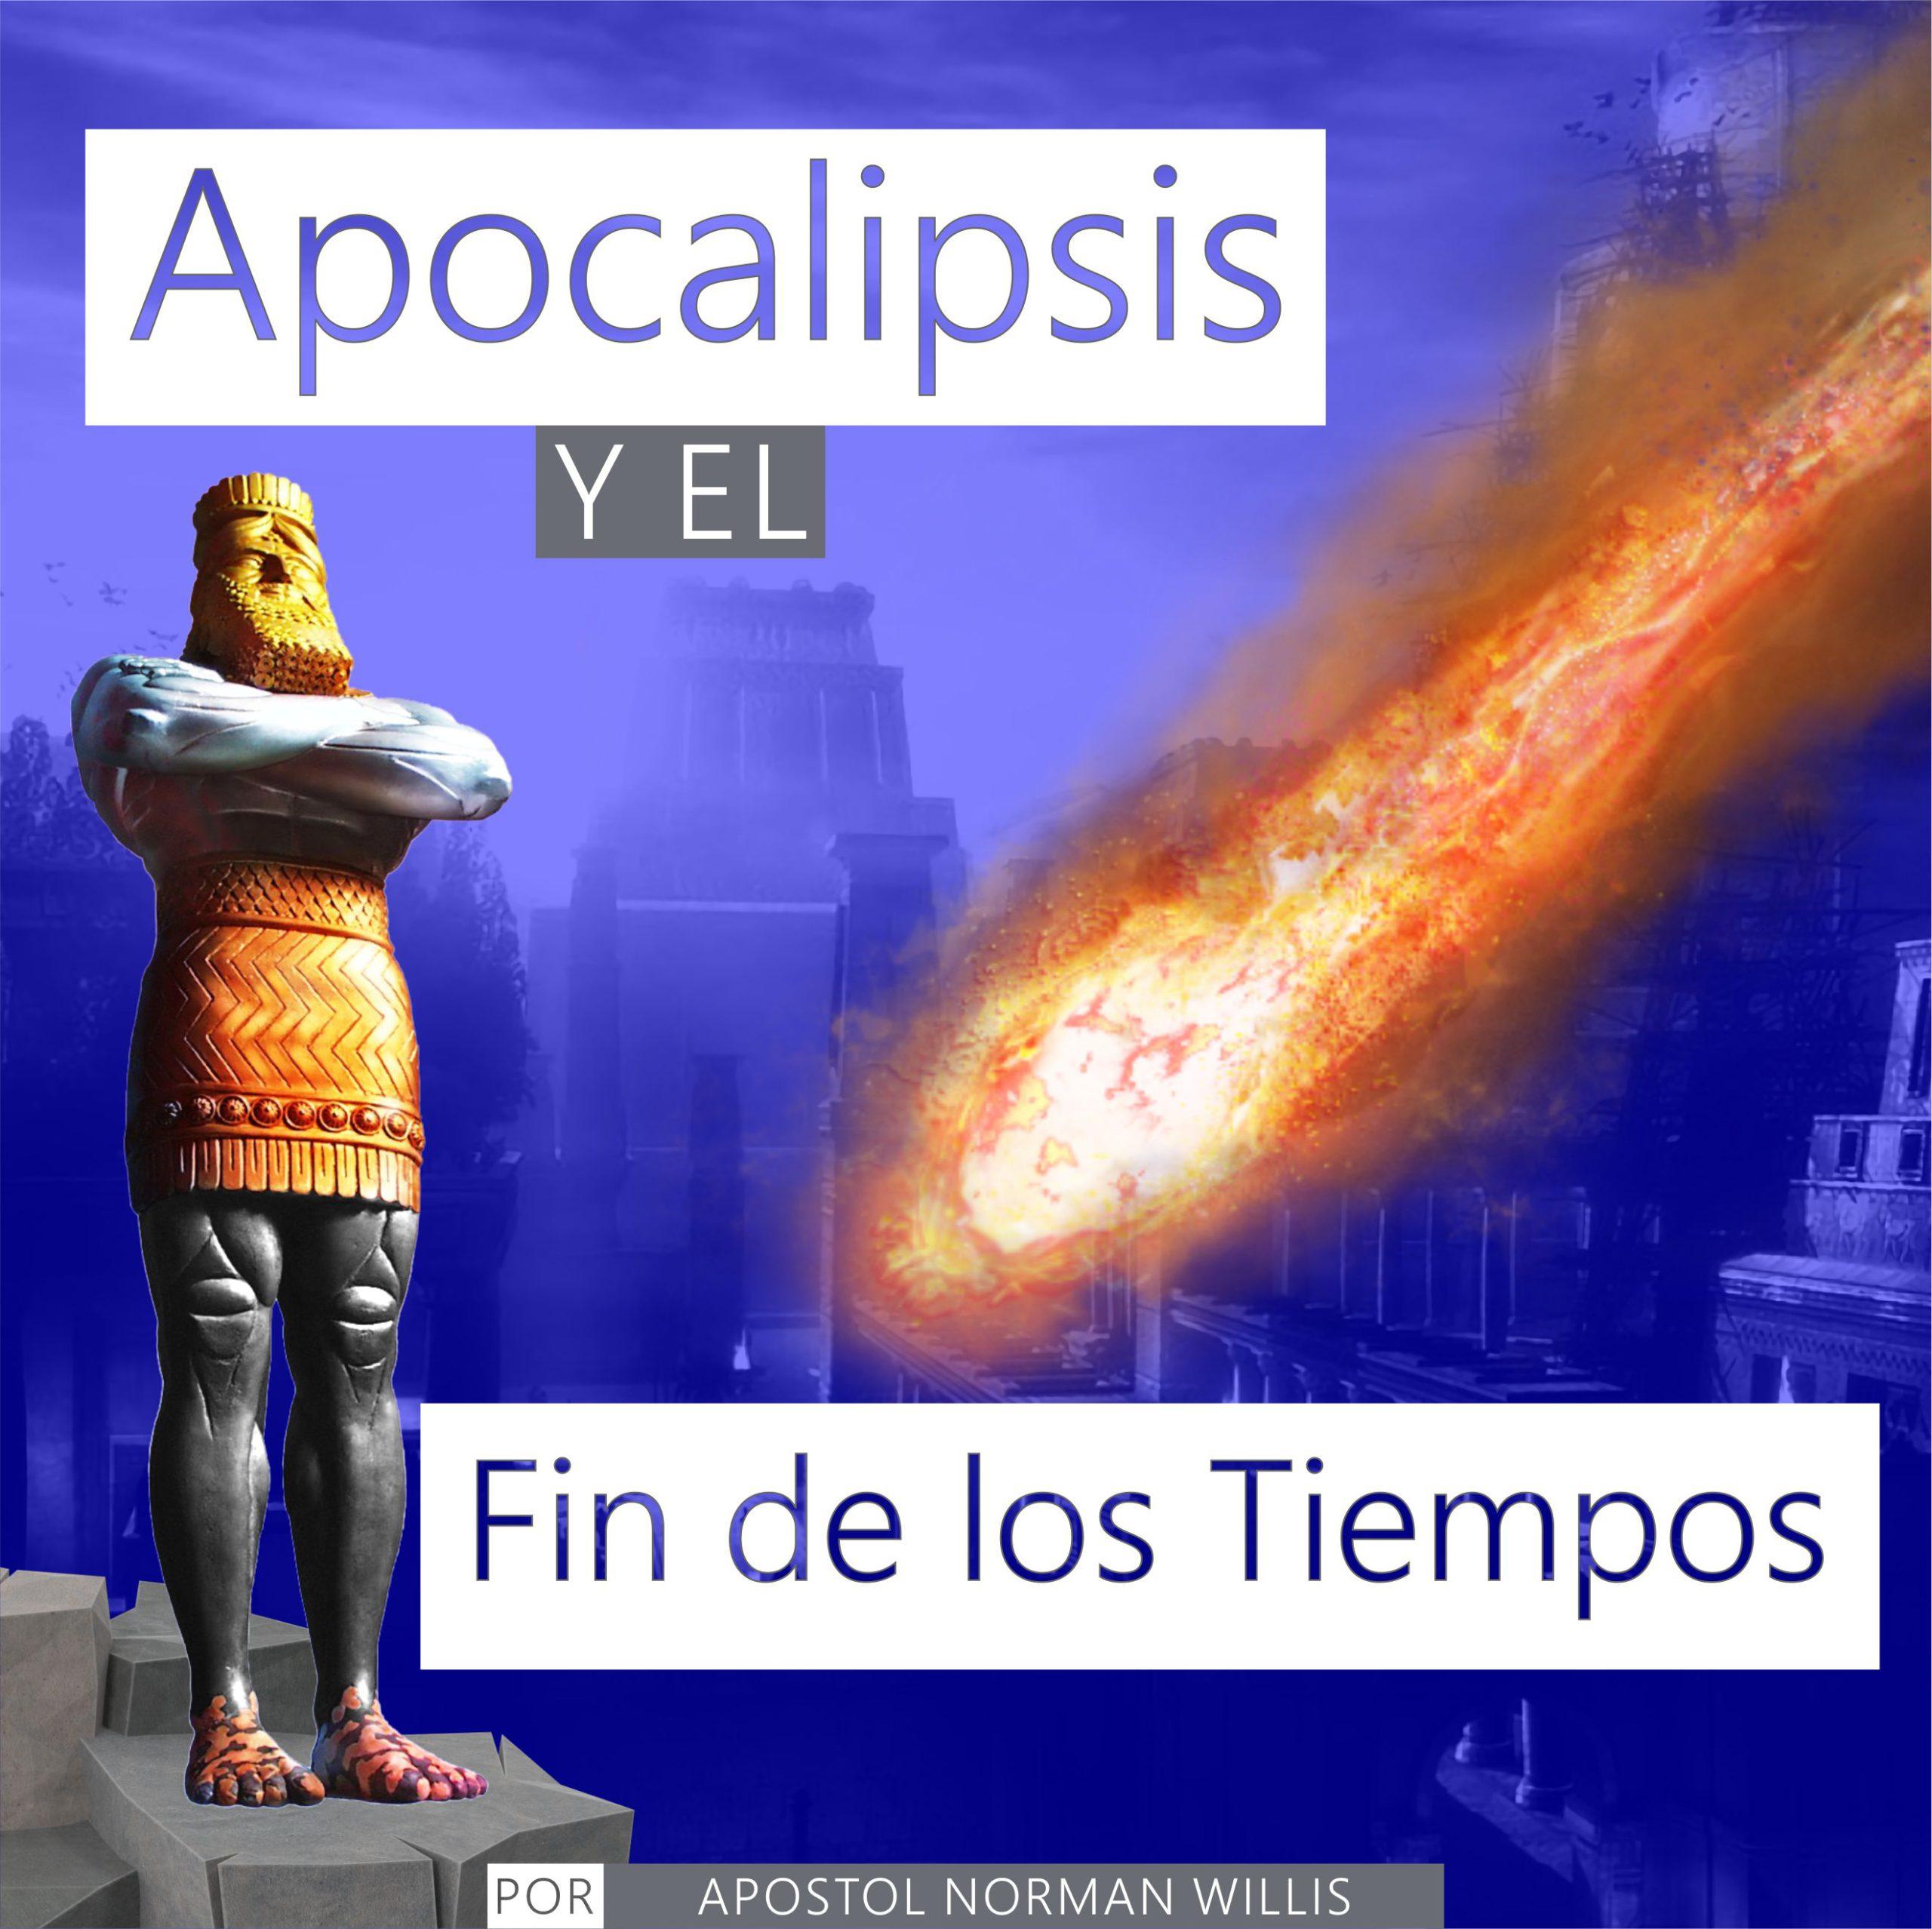 Apocalipsis y el Fin de los Tiempos